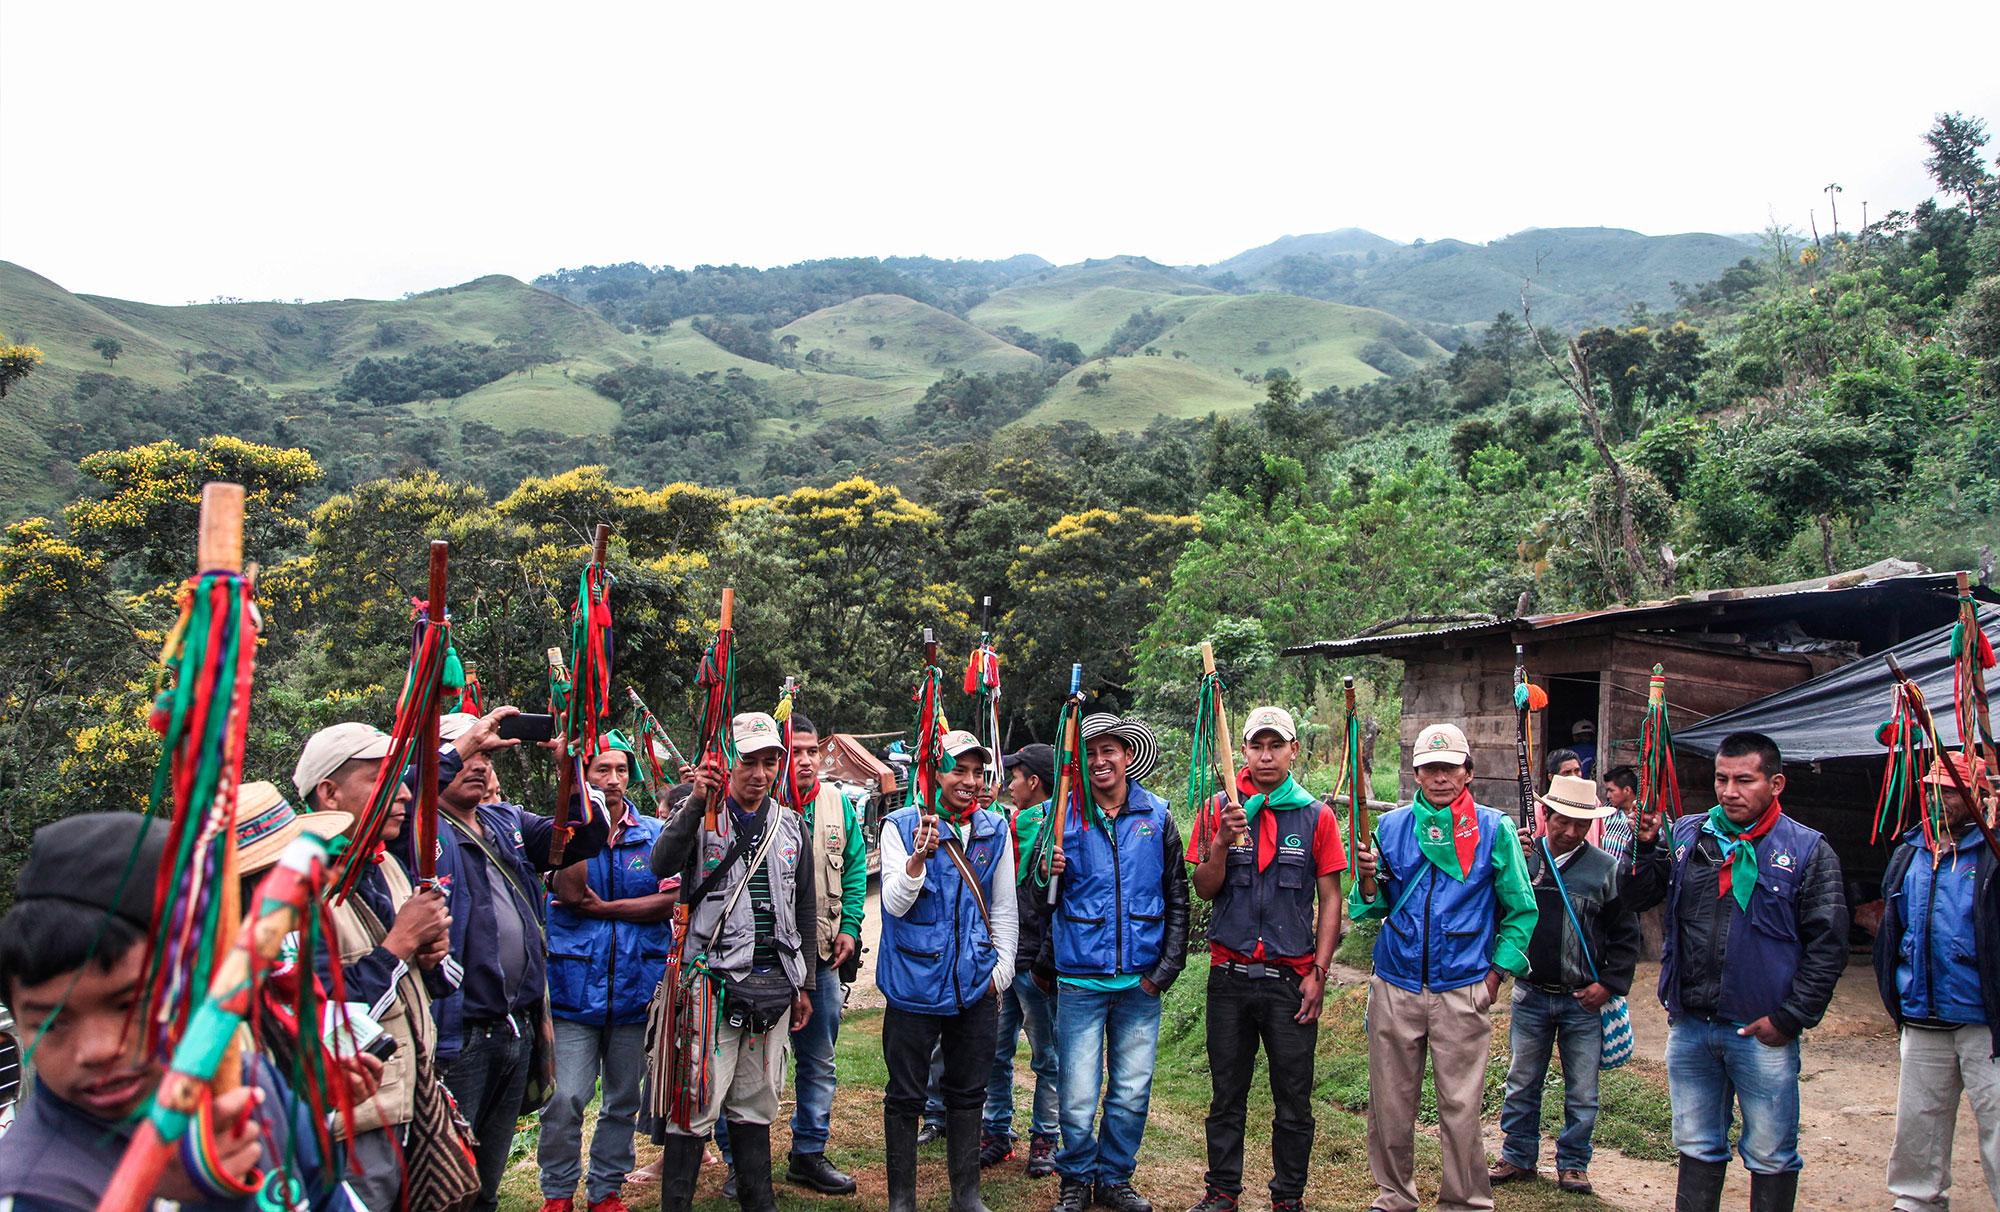 Murió tercera víctima del atentado en el Cauca. Minga y protección, el llamado de guardia indígena | EL FRENTE